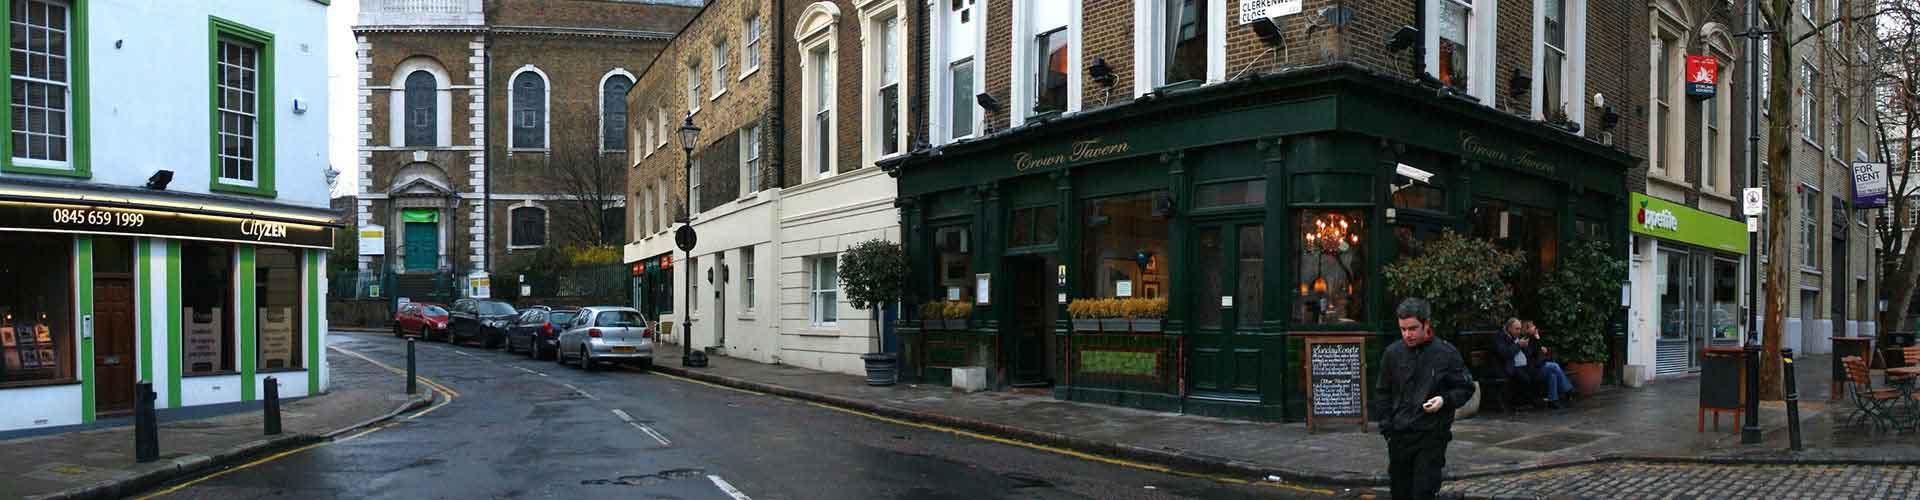 Londres - Albergues Juveniles en el distrito Clerkenwell . Mapas de Londres, Fotos y Comentarios para cada Albergue Juvenil en Londres.